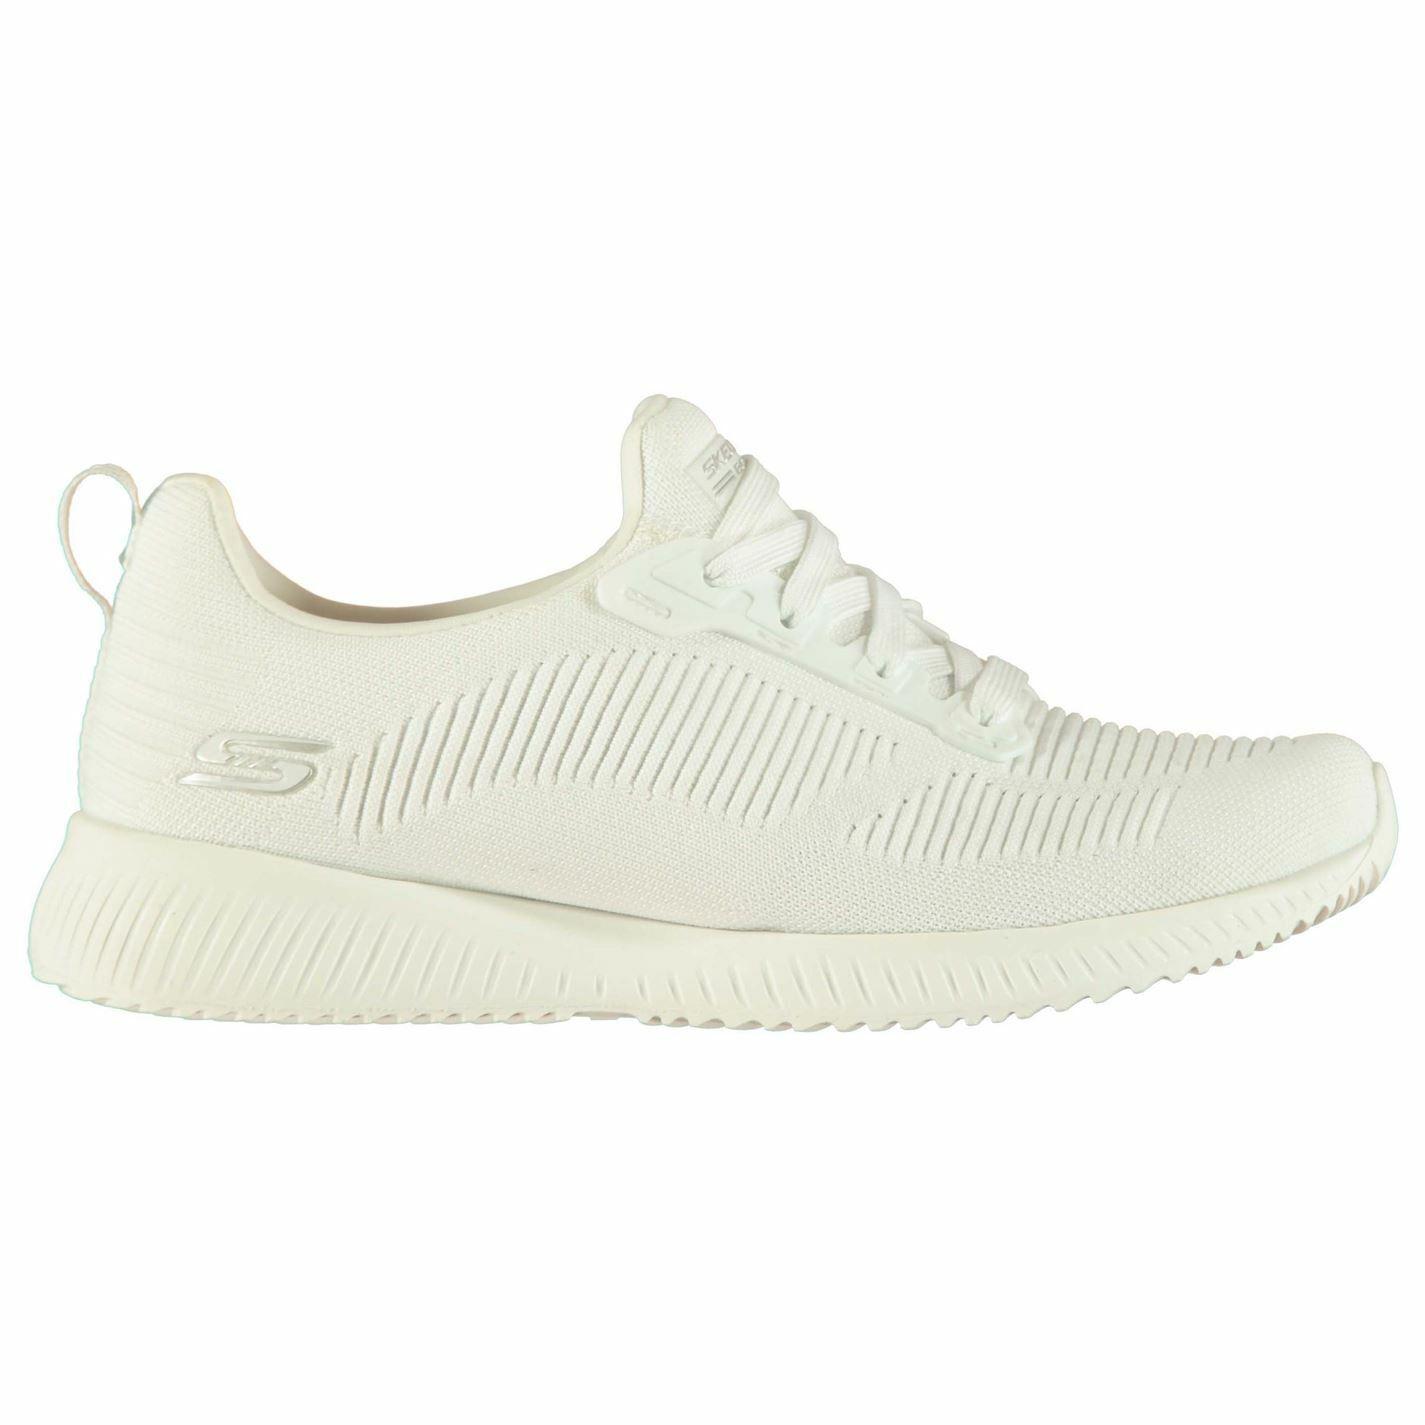 Skechers Mujer Damas bobsquad PF Corriendo Zapatos Con Cordones  Low Top de súperdry  Disfruta de un 50% de descuento.